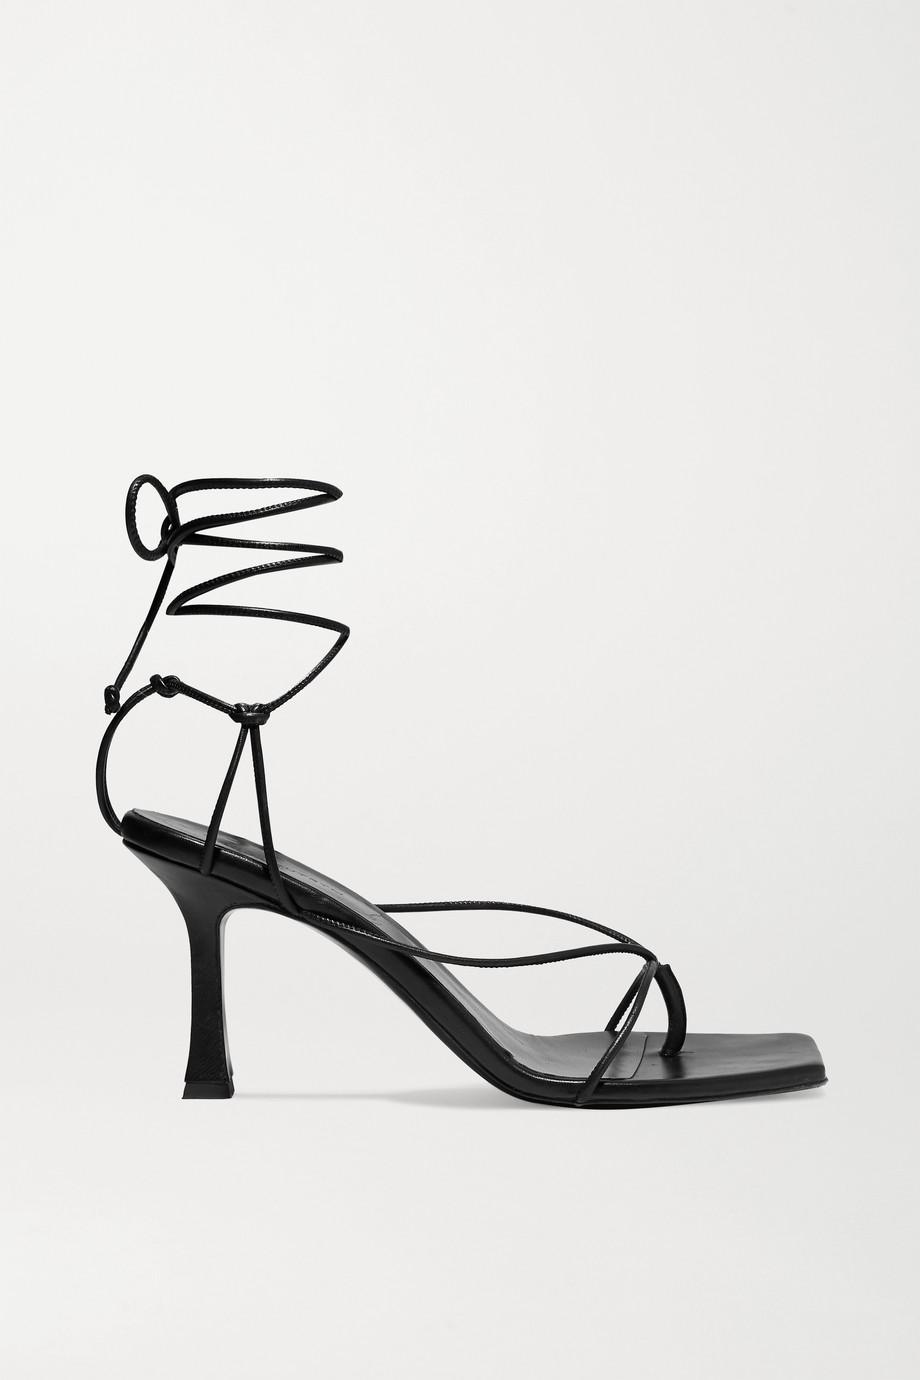 Magda Butrym Sweden 皮革凉鞋